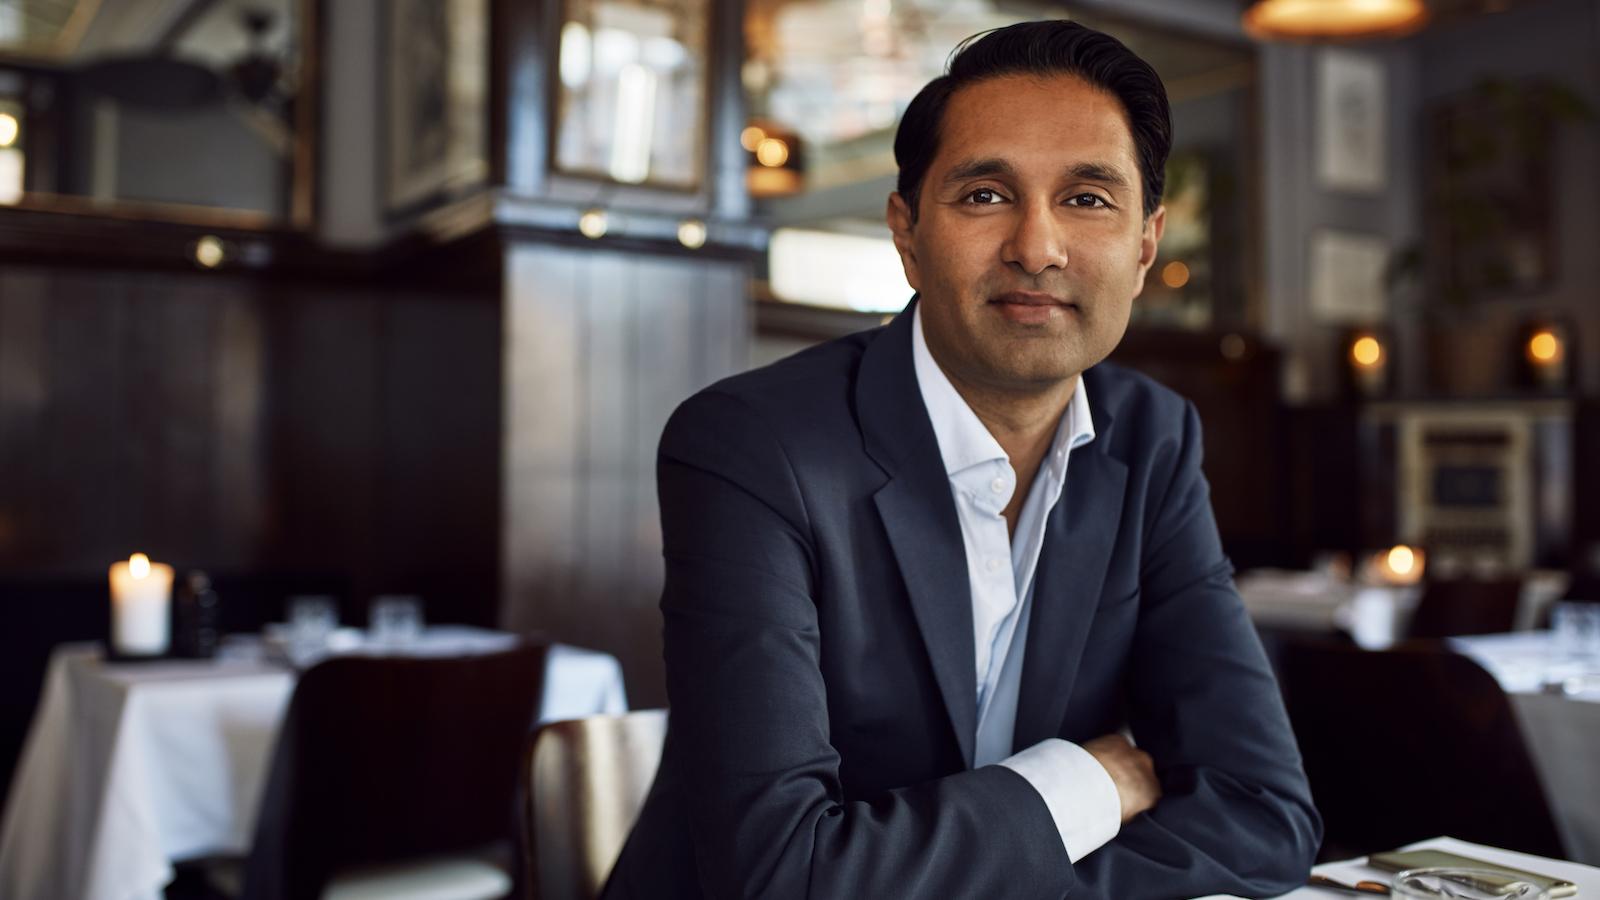 """Imran Rashid: Ukritisk er Danmark blevet et af de mest digitaliserede lande. """"Vi har fået noget, der blinker – fedt, lad os smide Grundtvig, frisindet og højskolerne ud, fordi vi har fået en iPad!"""" Men vi har ikke brug for digitaliseringen for at føle os lykkelige – tværtimod!"""